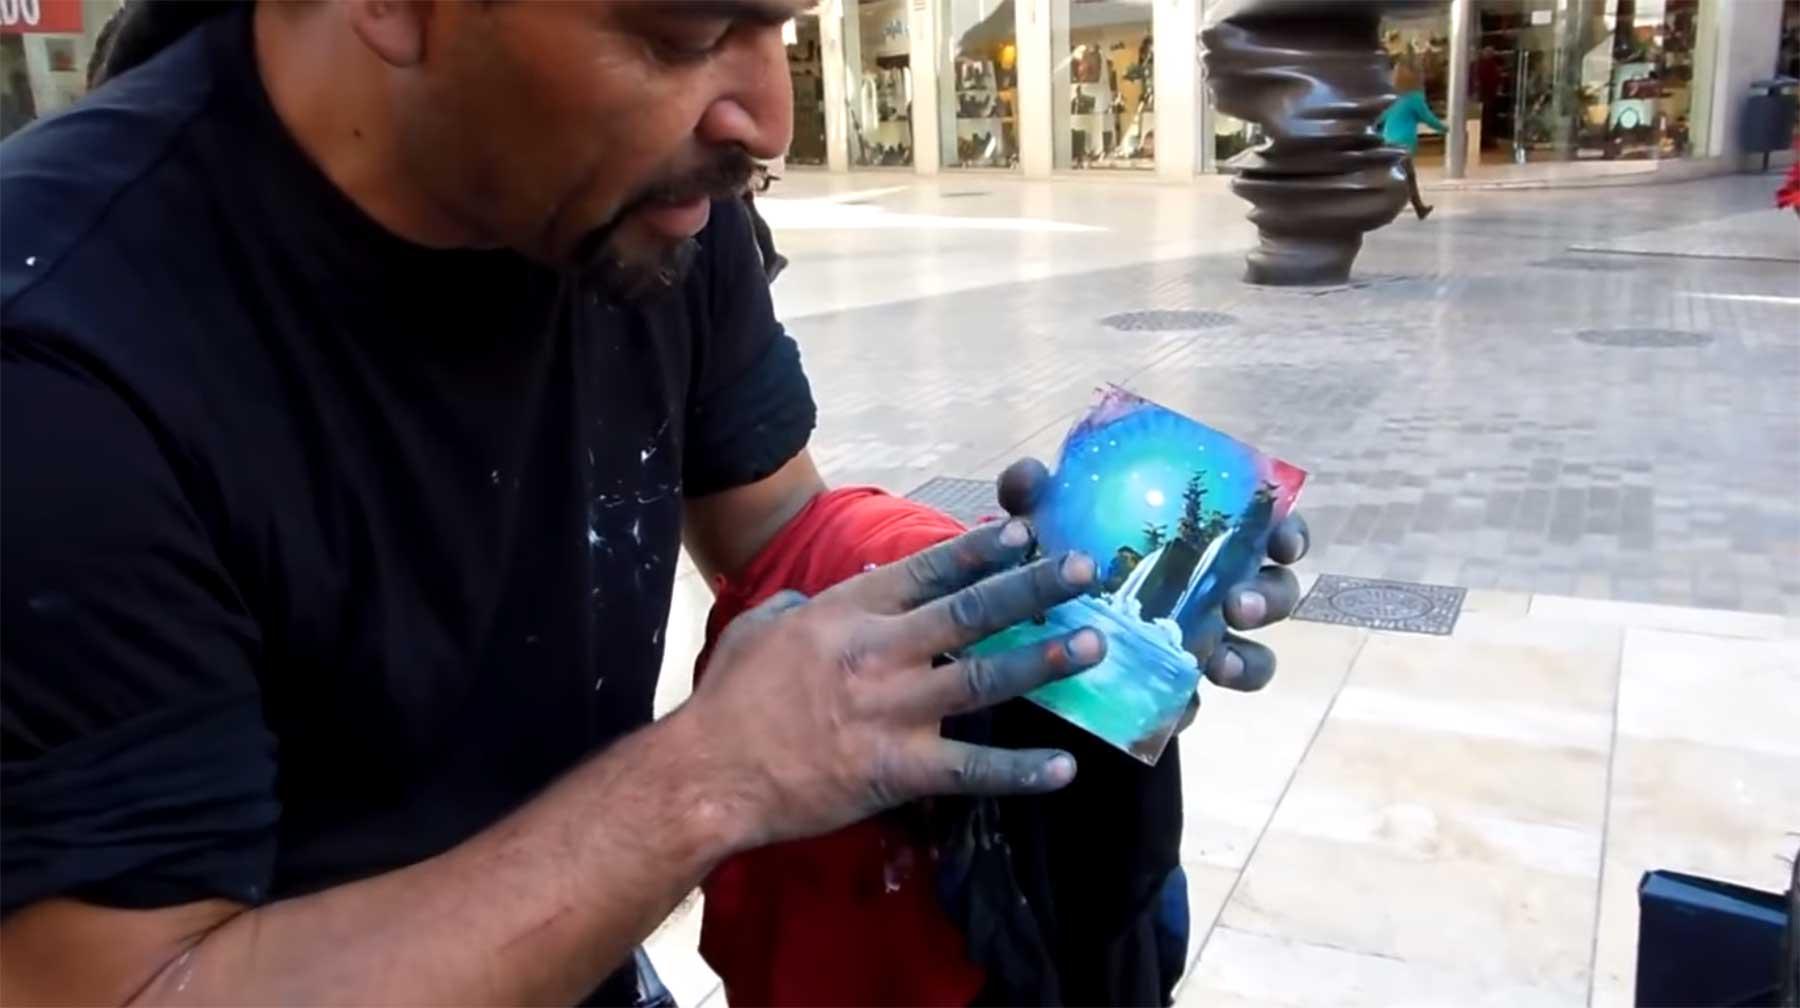 Unglaublich schneller Fingerfarb-Straßenkünstler